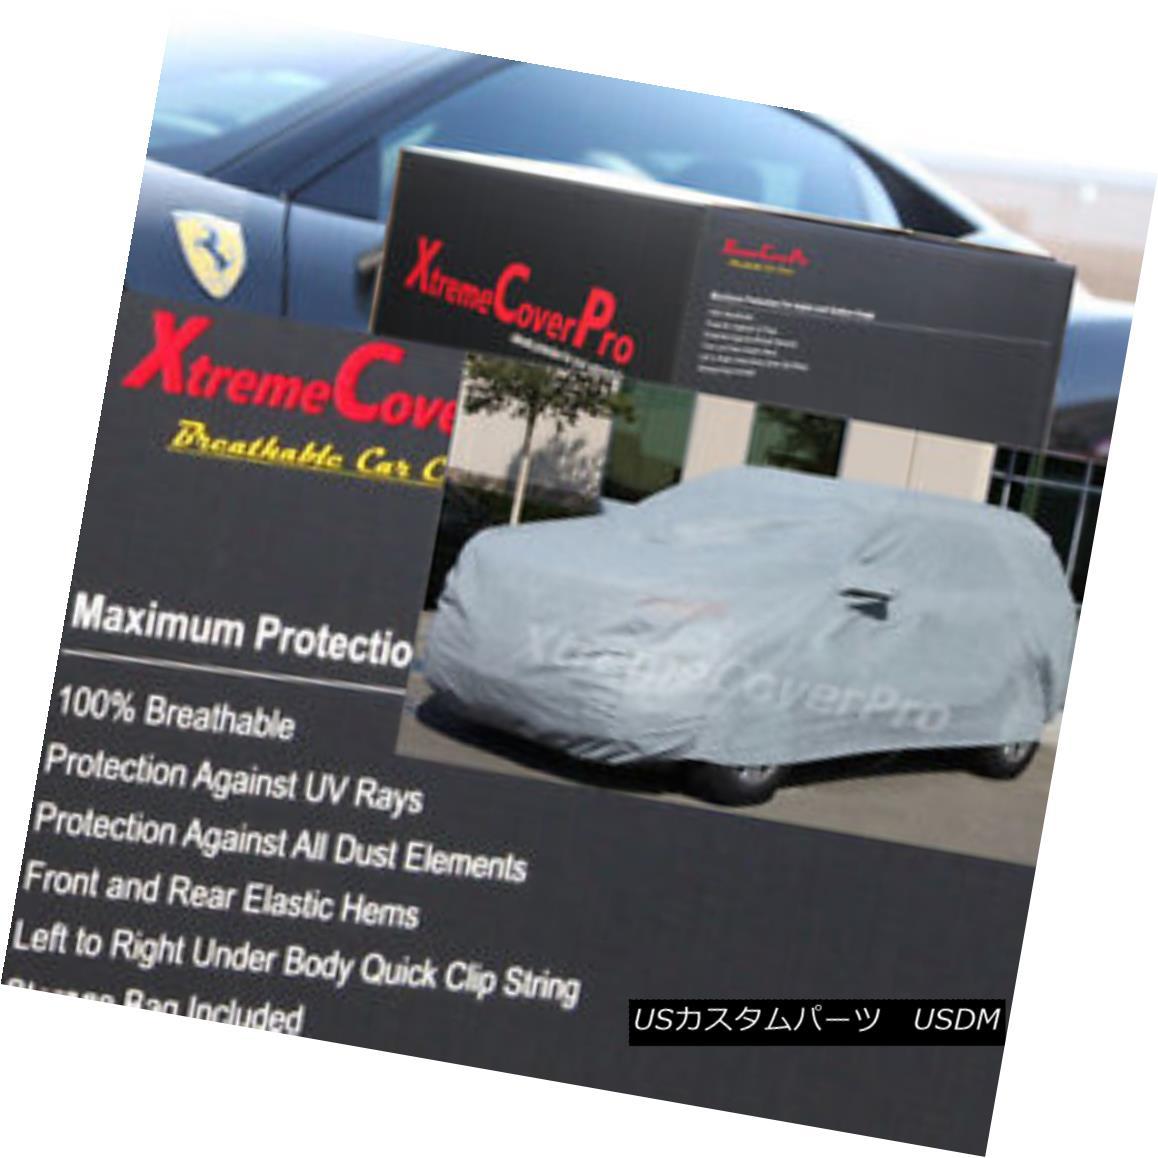 カーカバー 2007 2008 2009 Mercedes GL450 GL550 Breathable Car Cover w/MirrorPocket 2007年2008年2009年メルセデスGL450 GL550通気性車カバー付きMirrorPocket